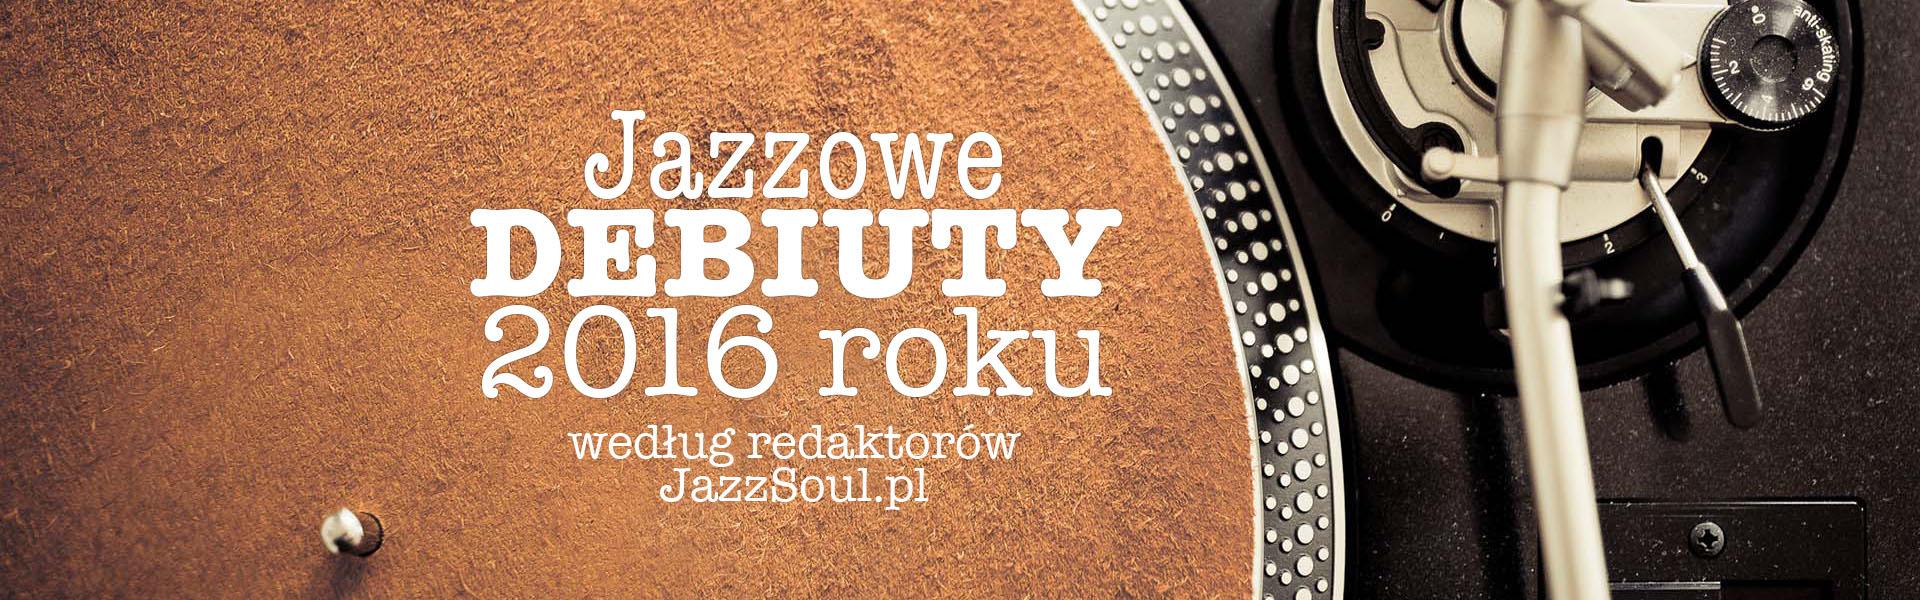 debiuty-jazz-podsumowanie-2016